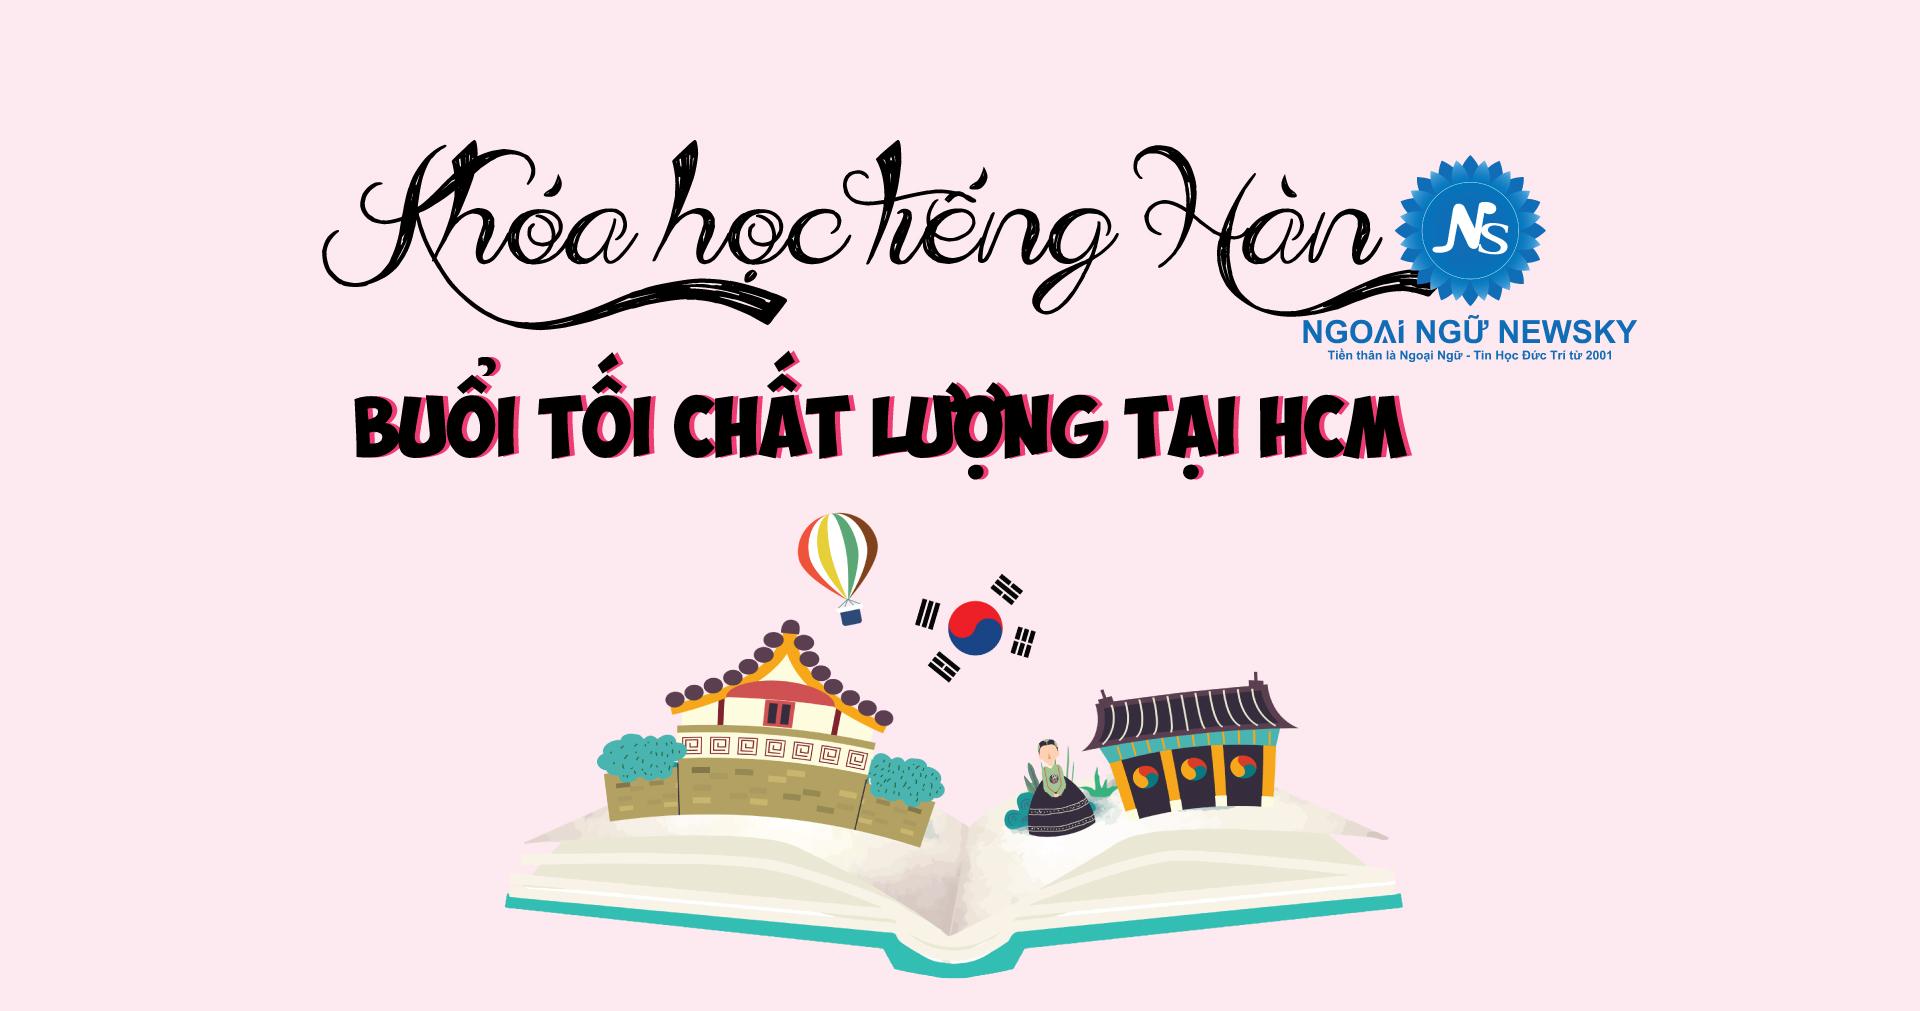 Khóa học tiếng Hàn buổi tối Chất lượng TpHCM